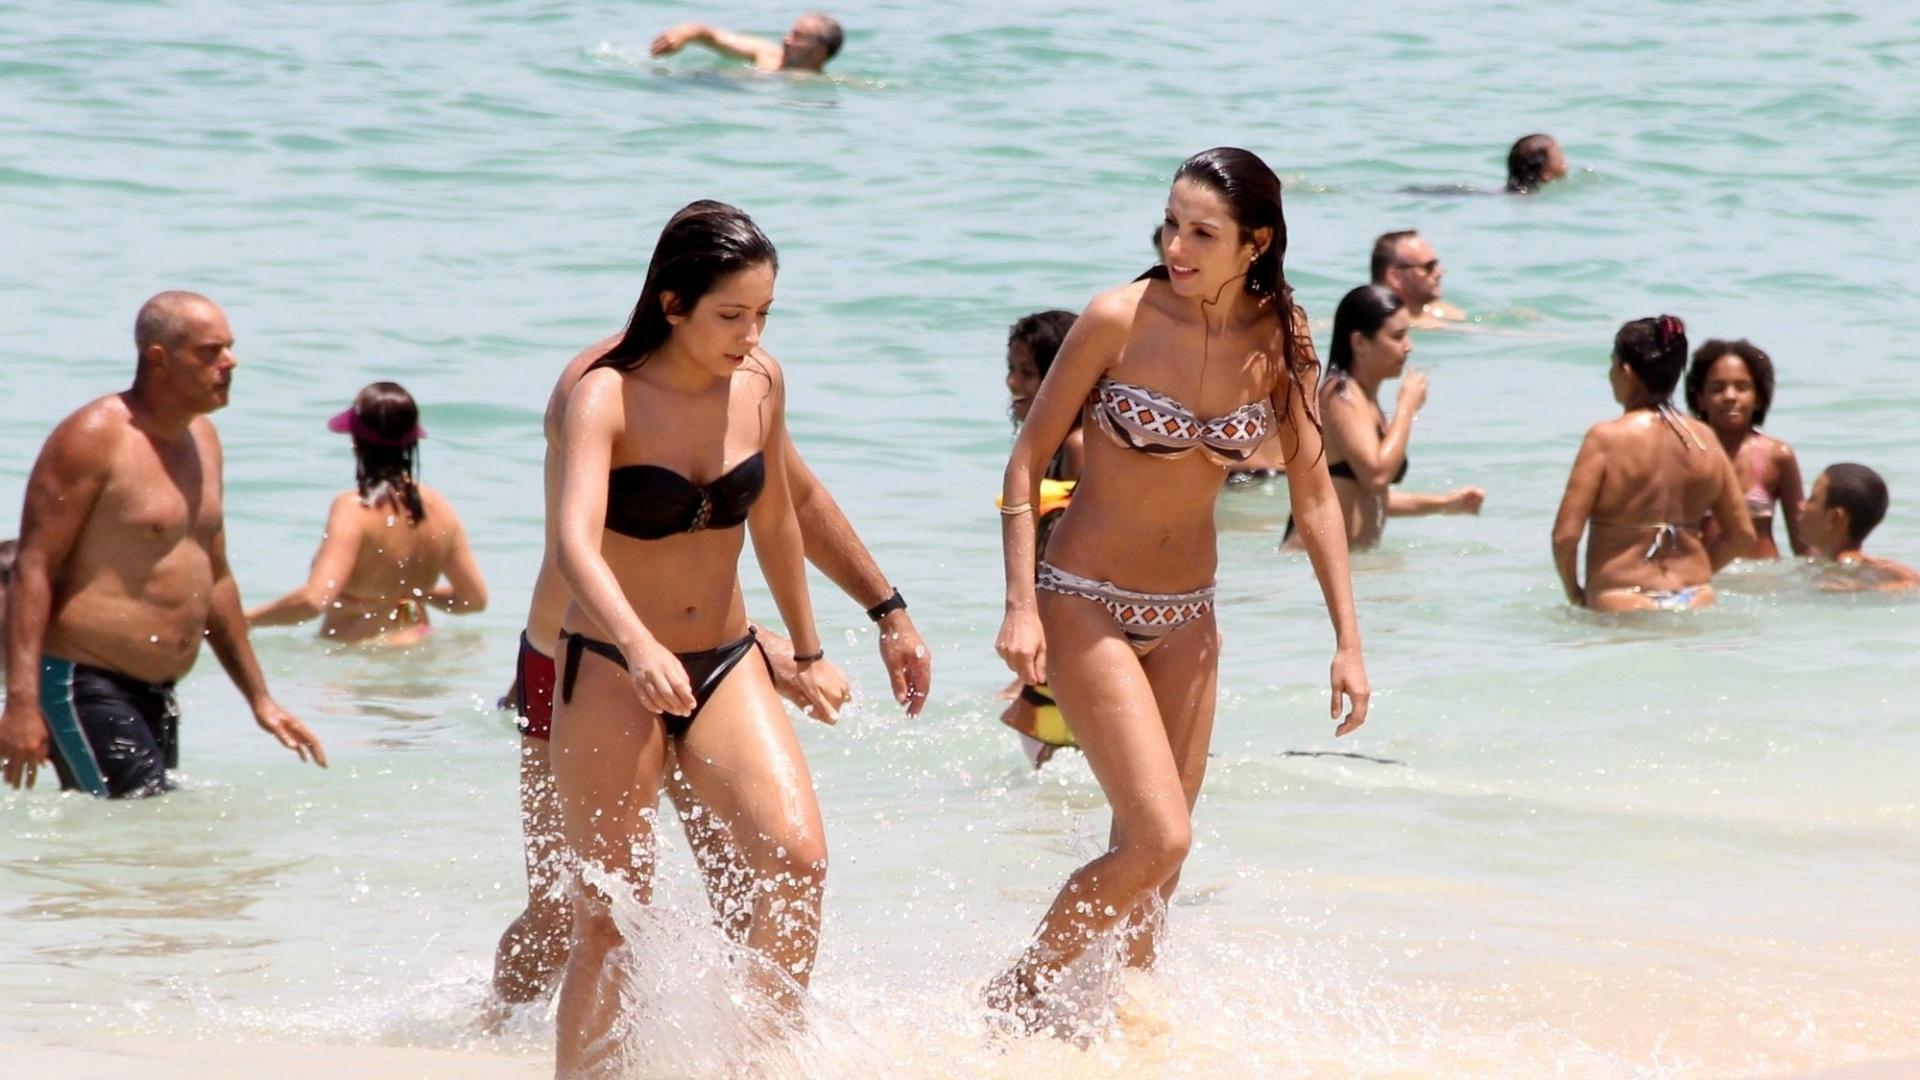 29.fev.2016 - Patrícia Poeta foi vista na praia da Barra da Tijuca, no Rio de Janeiro. De biquíni, a jornalista e apresentadora mostrou o corpo conseguido após adotar um novo estilo de vida, com exercícios e uma dieta que evita carboidratos e sobremesas